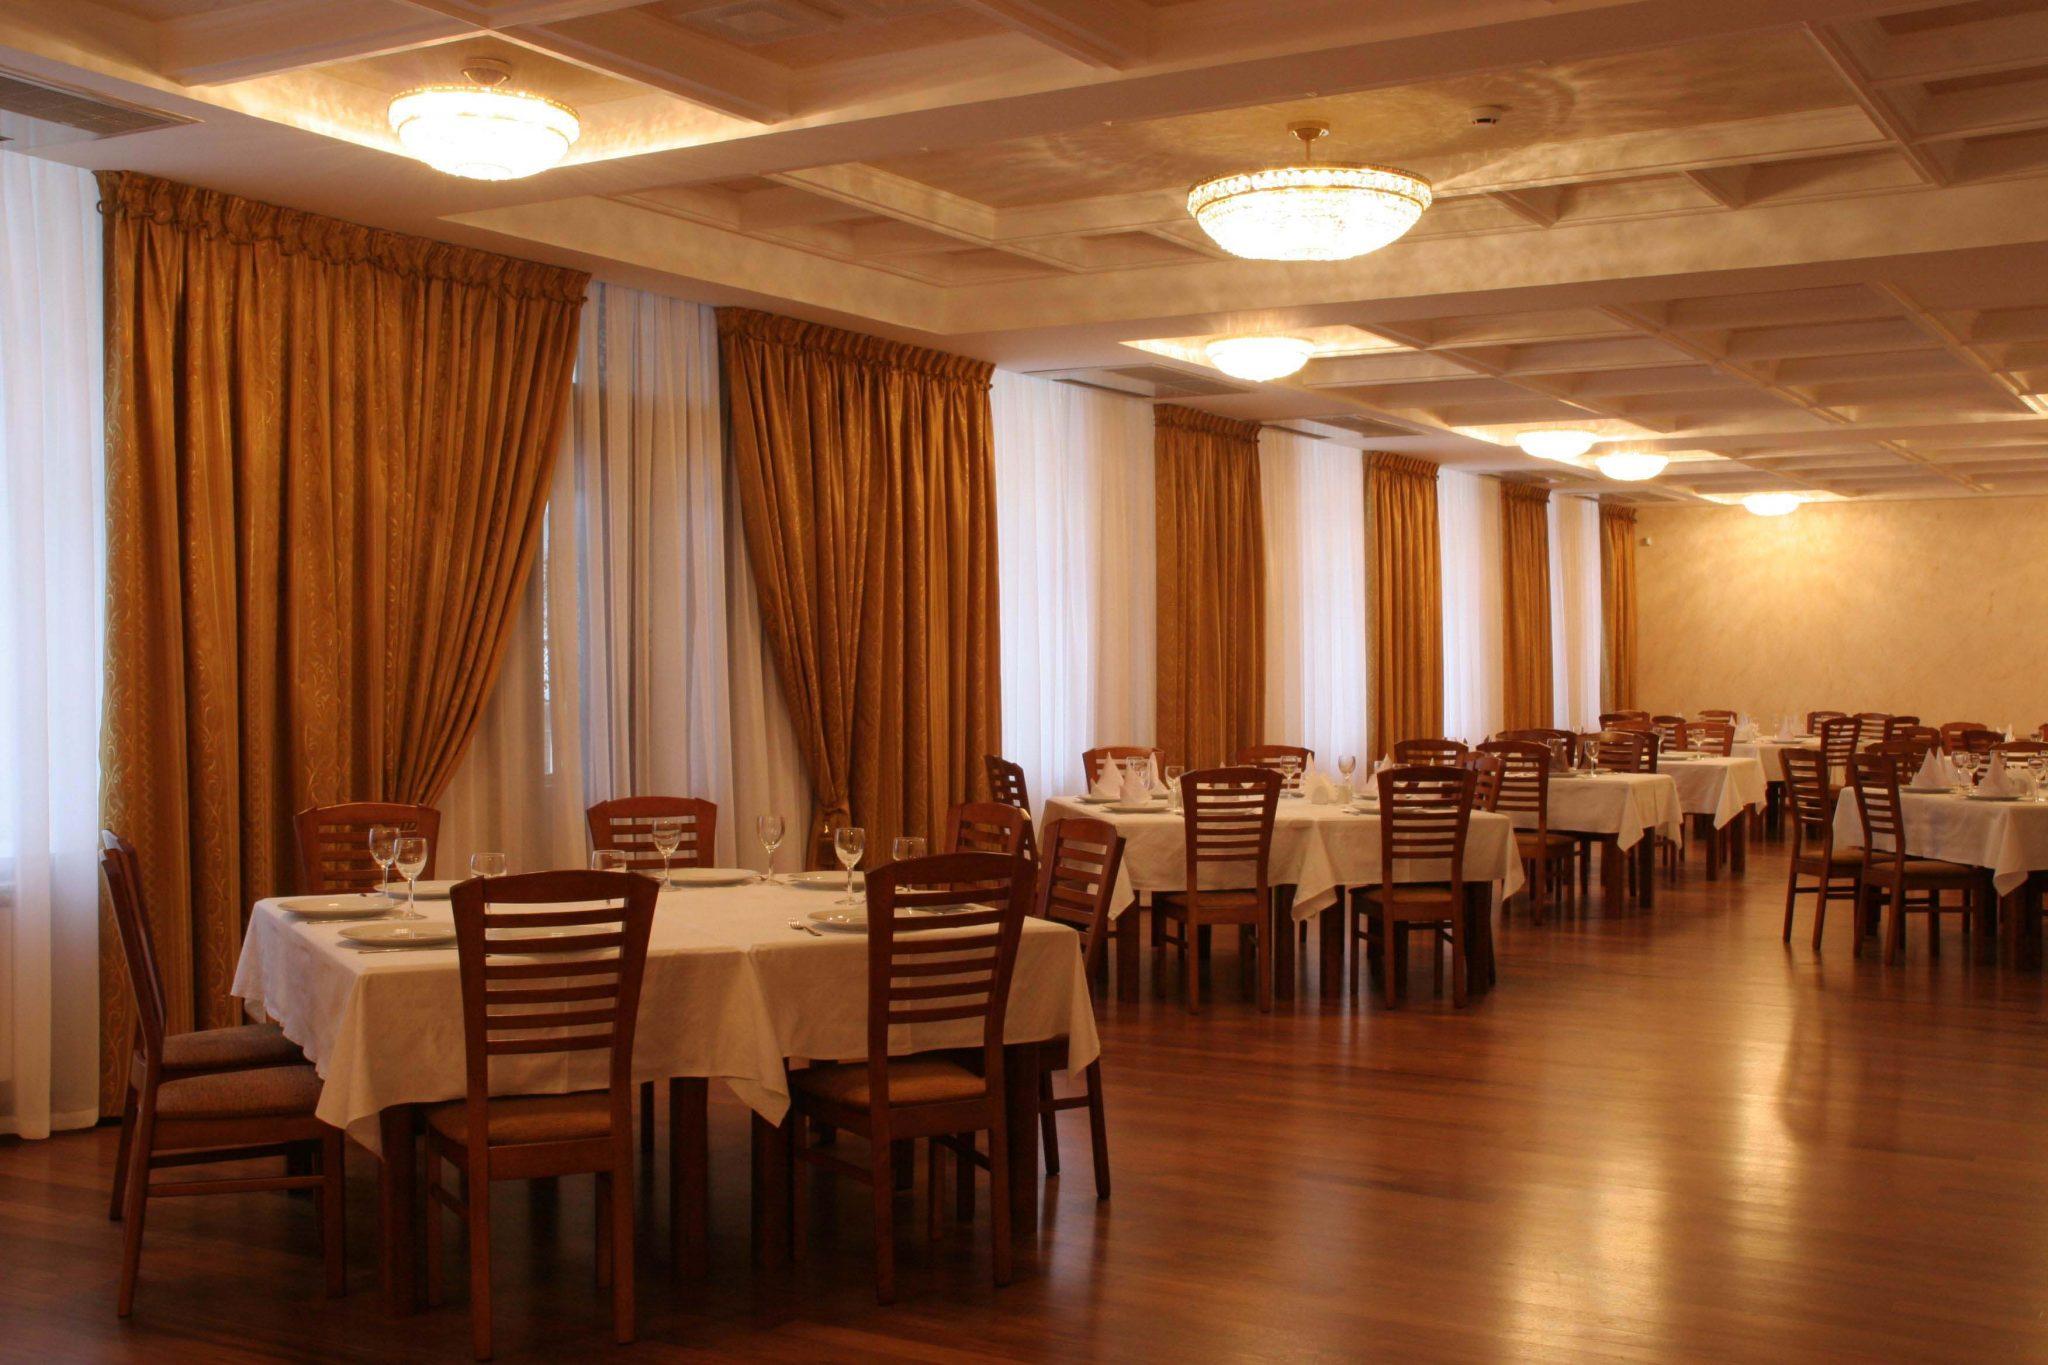 Фото воплощенного интерьера банкетного зала в классическом стиле